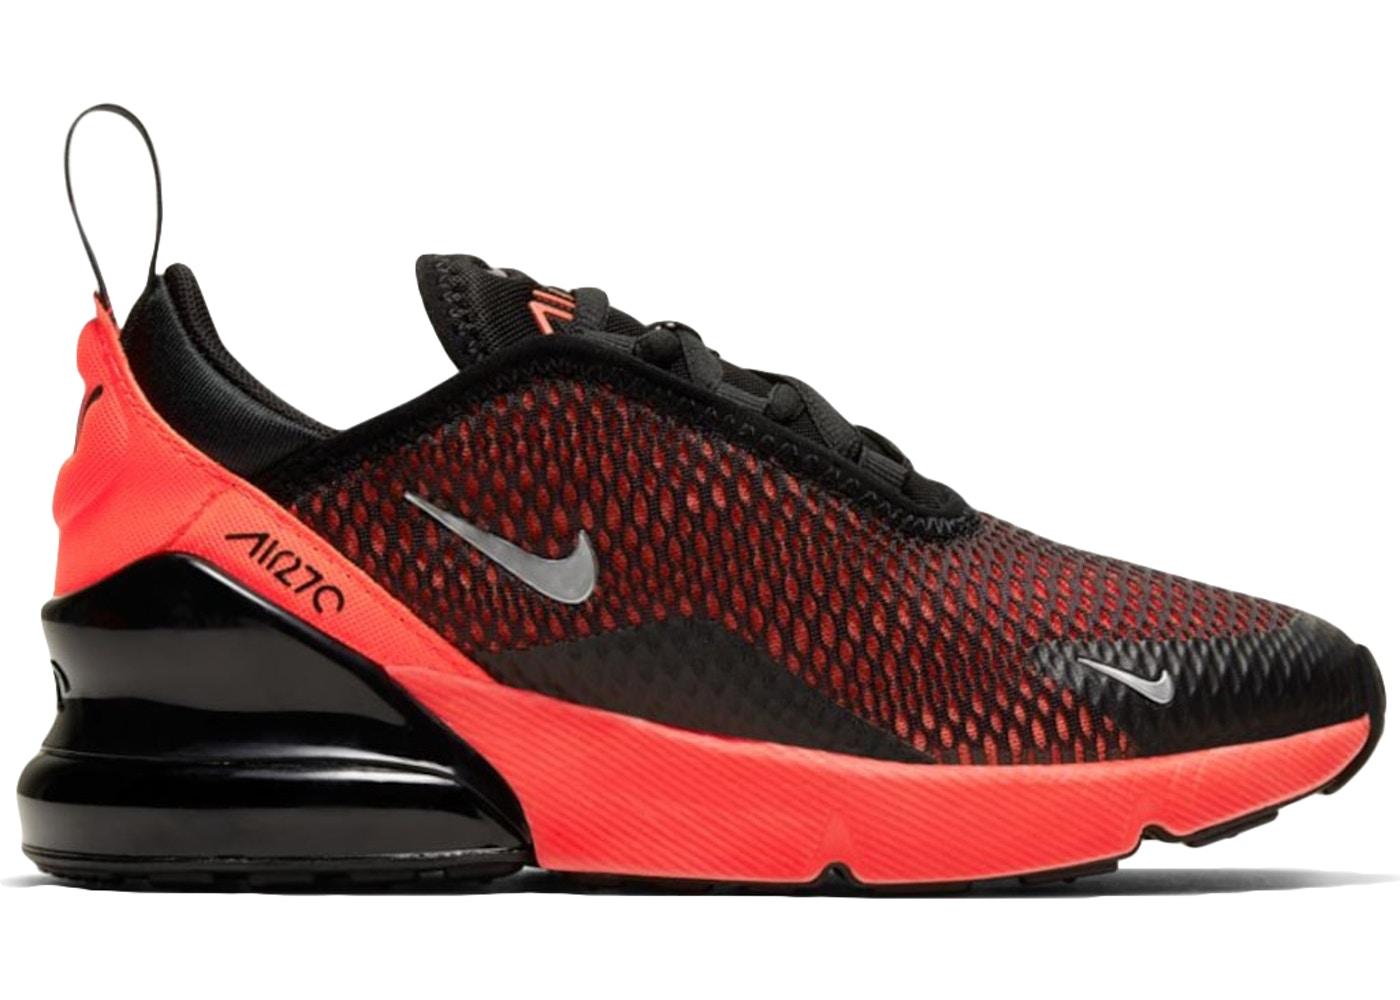 ナイキ キッズ/ジュニア エアマックス270 Nike Air Max 270 PS スニーカー Black/Reflect Silver/Bright Crimson